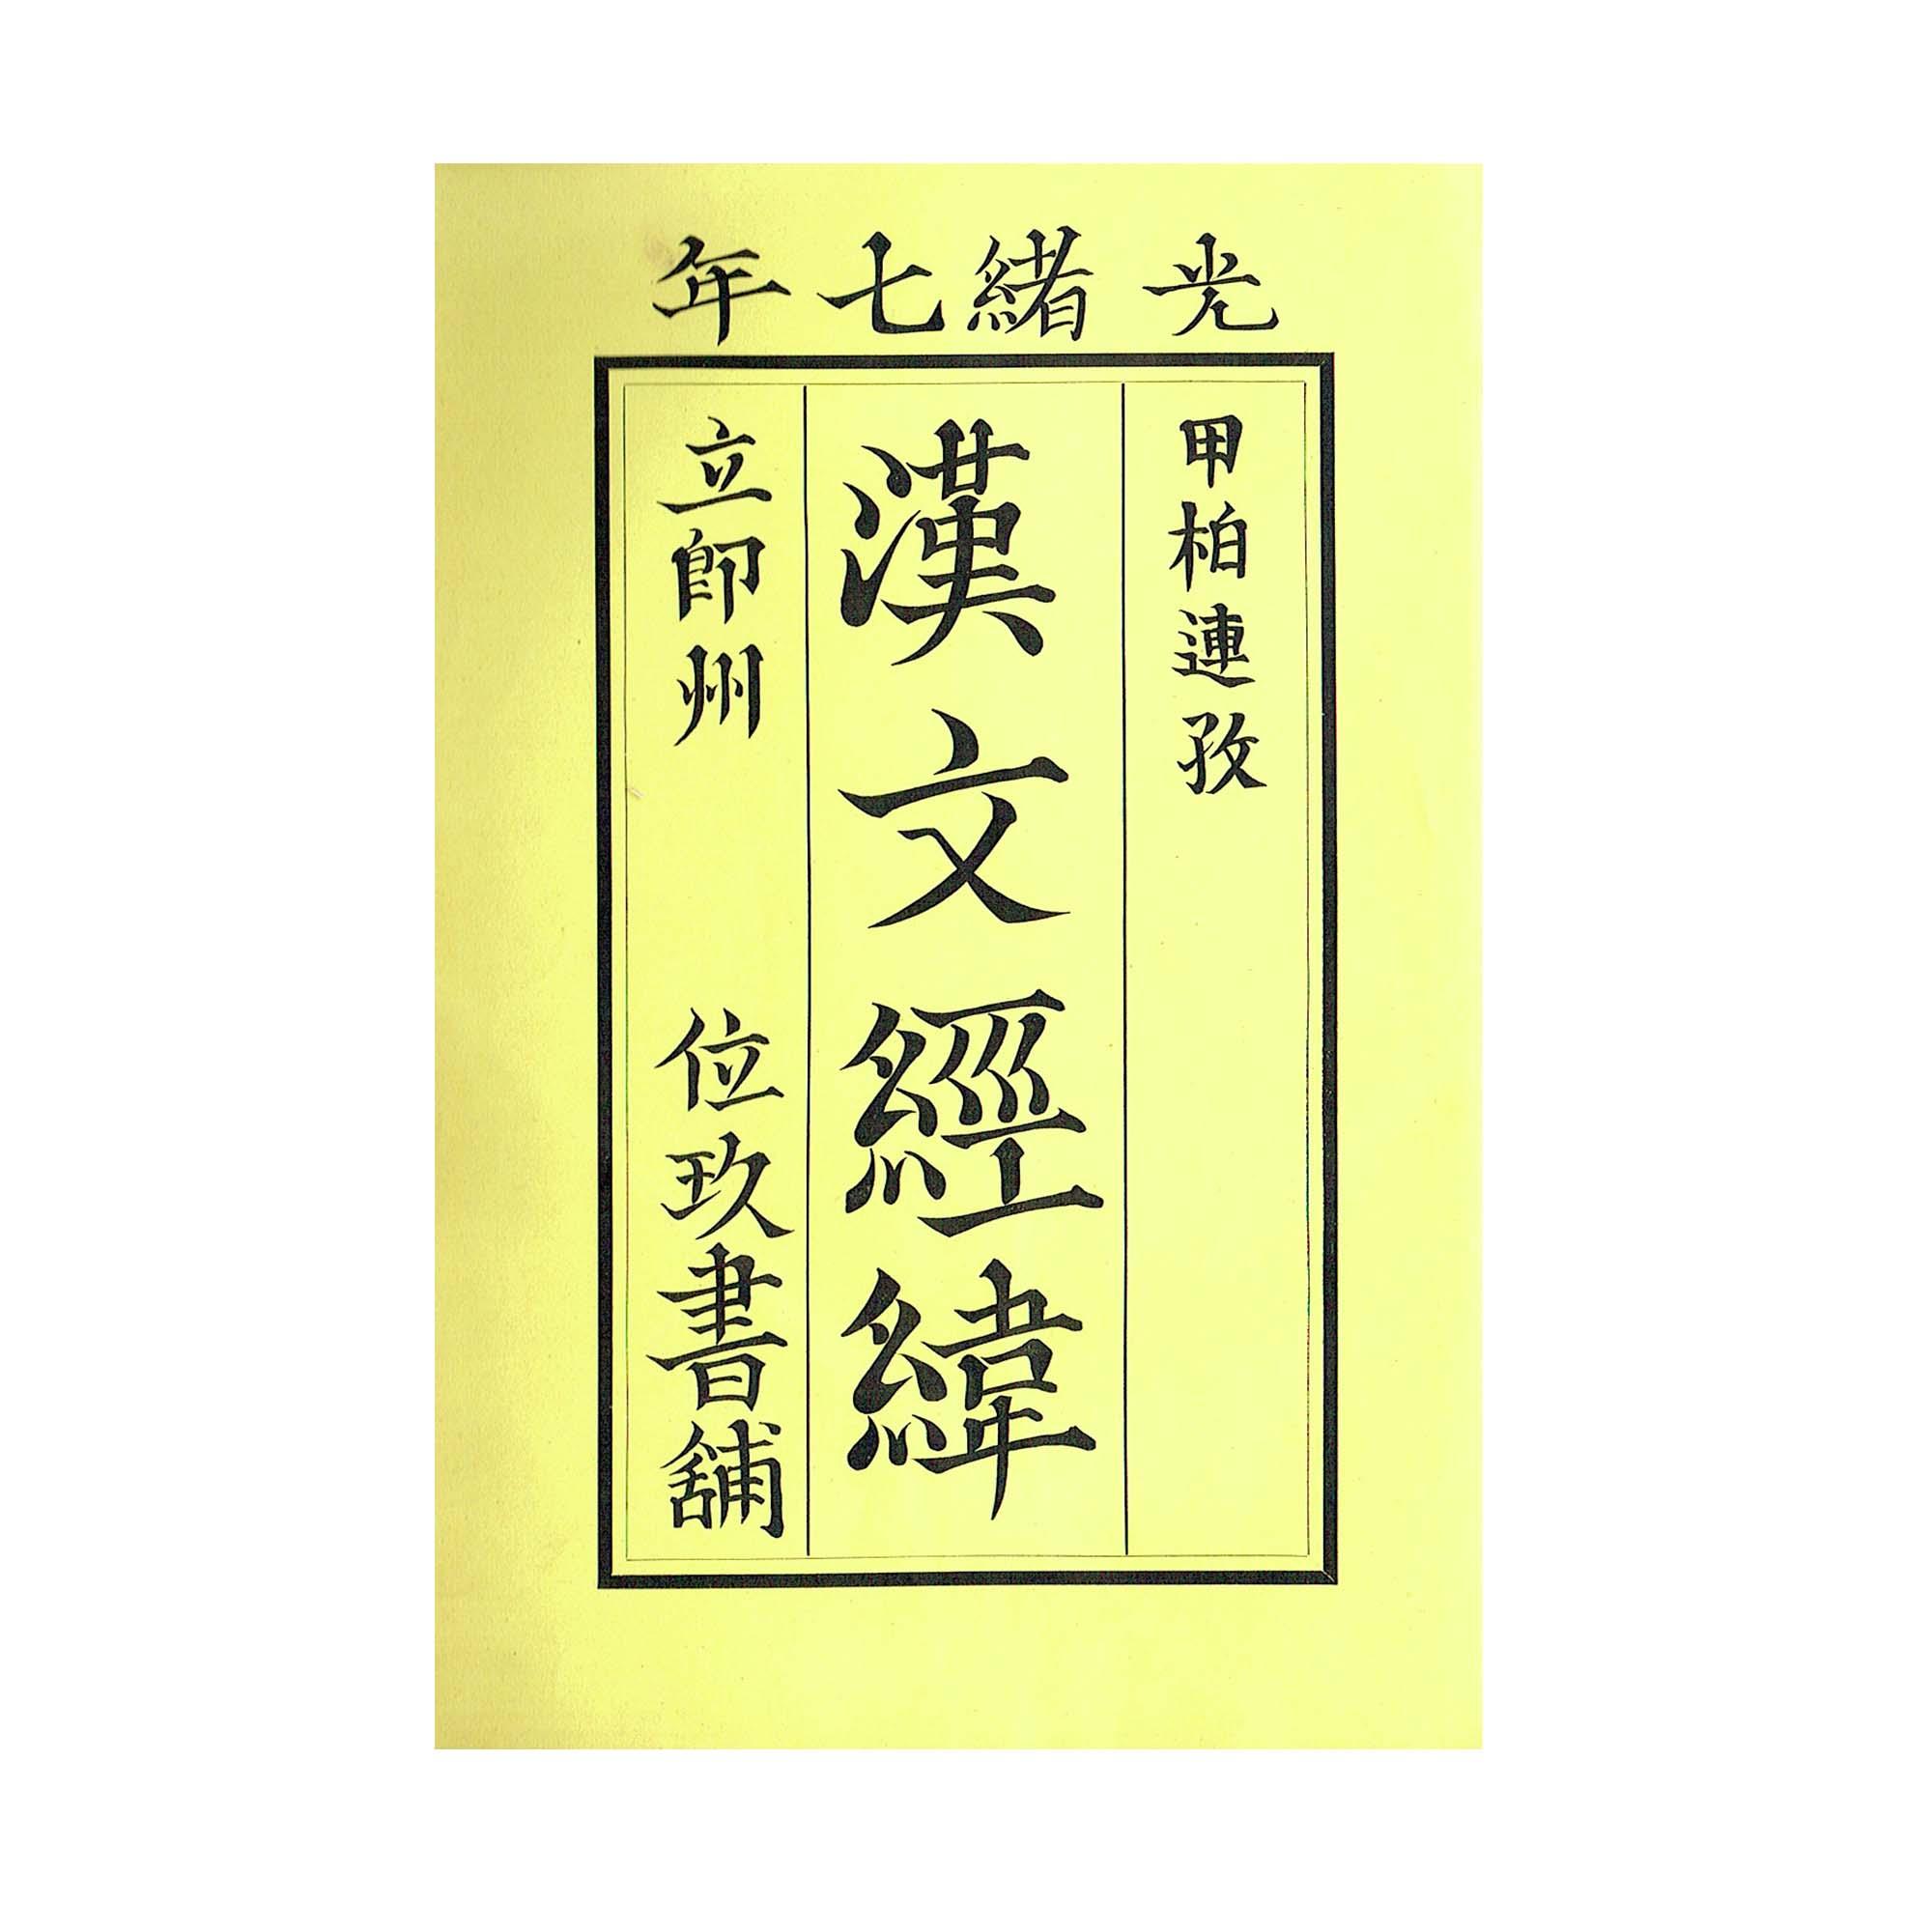 5292-Gabelentz-Chinesische-Grammatik-1881-N.jpeg